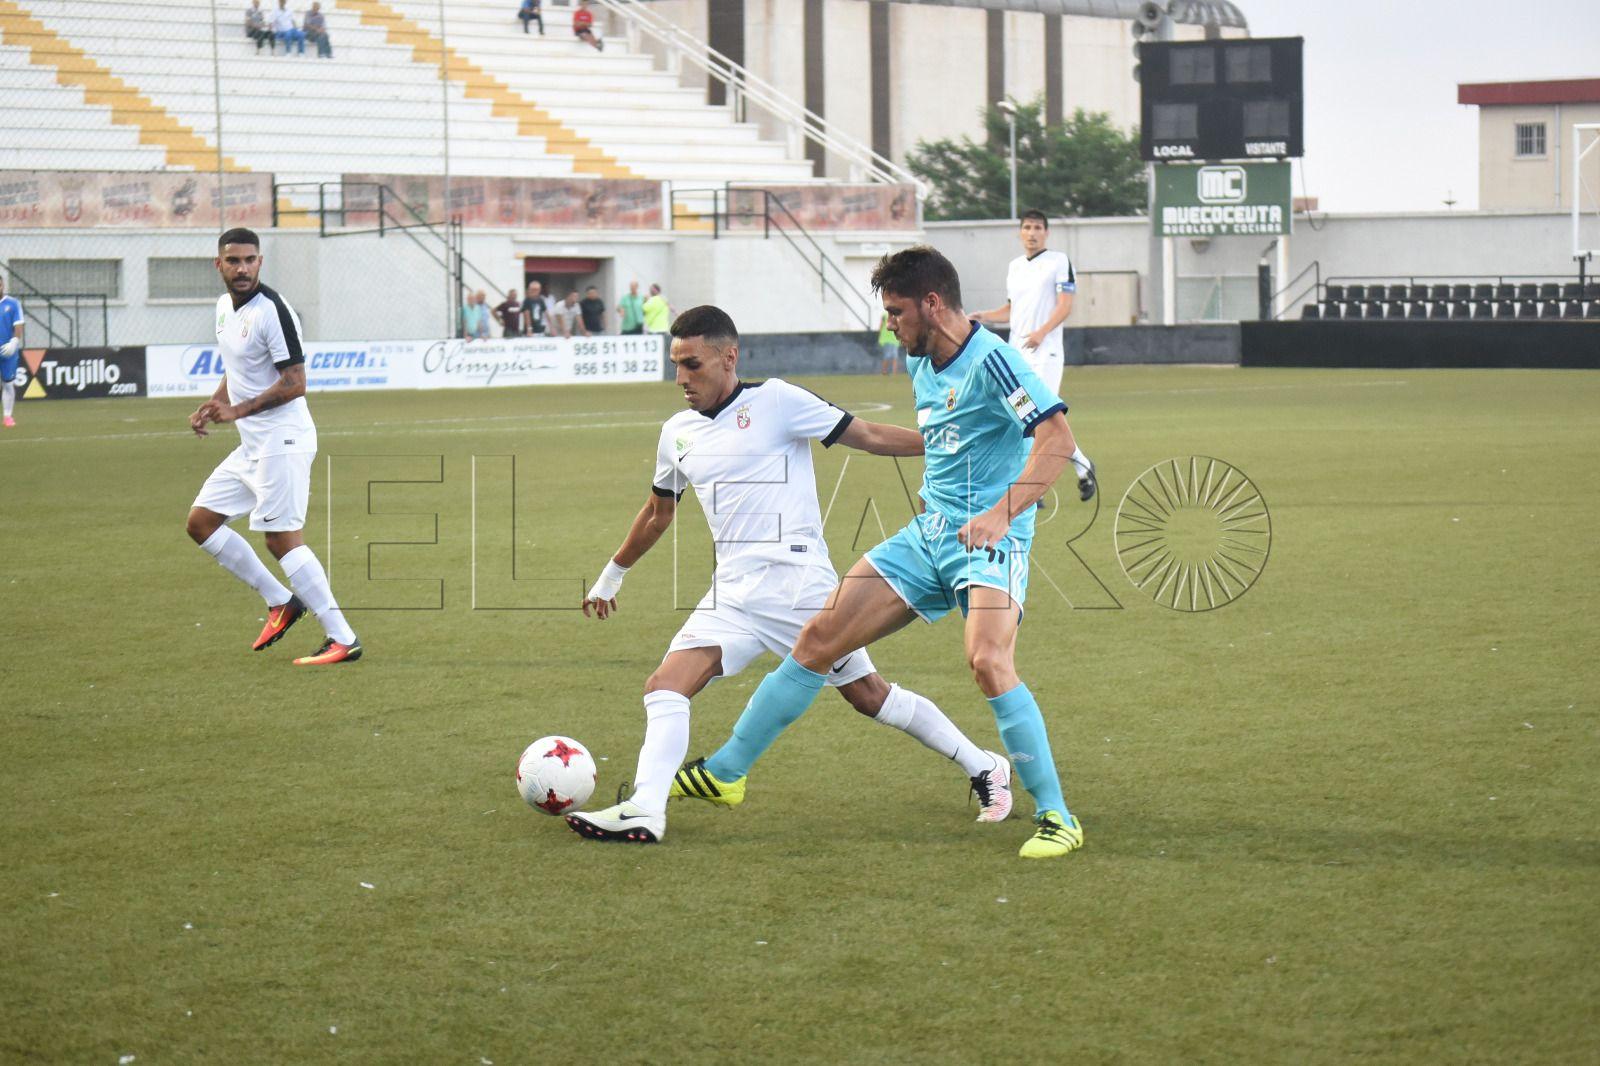 El Ceuta FC jugará este lunes en Marruecos